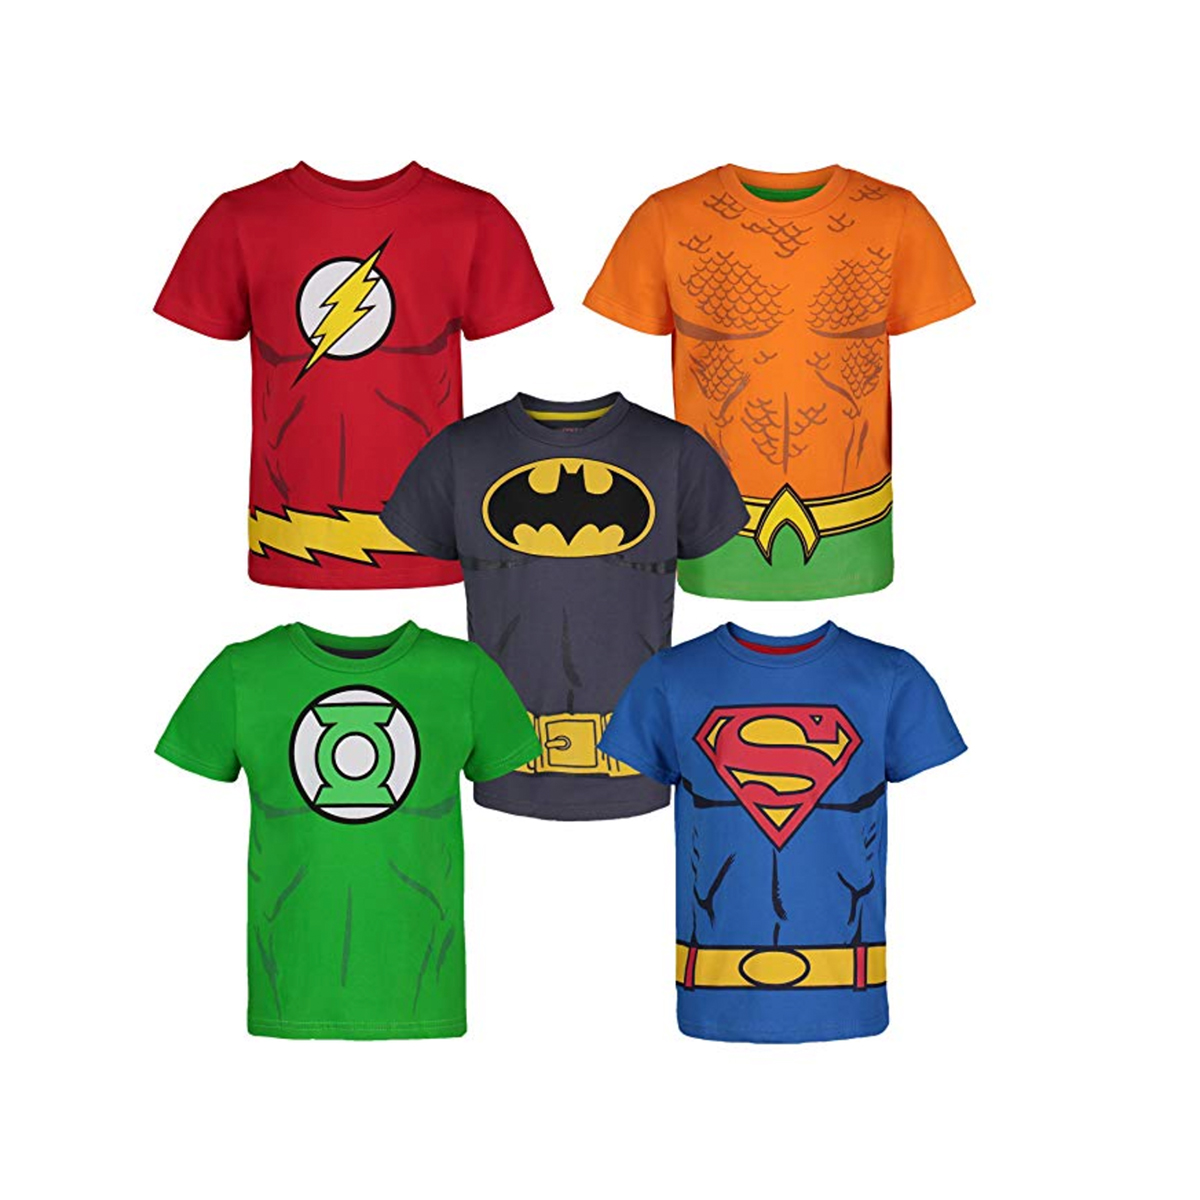 スーパーマン Tシャツ 5枚セット 子供 ジャスティスリーグ